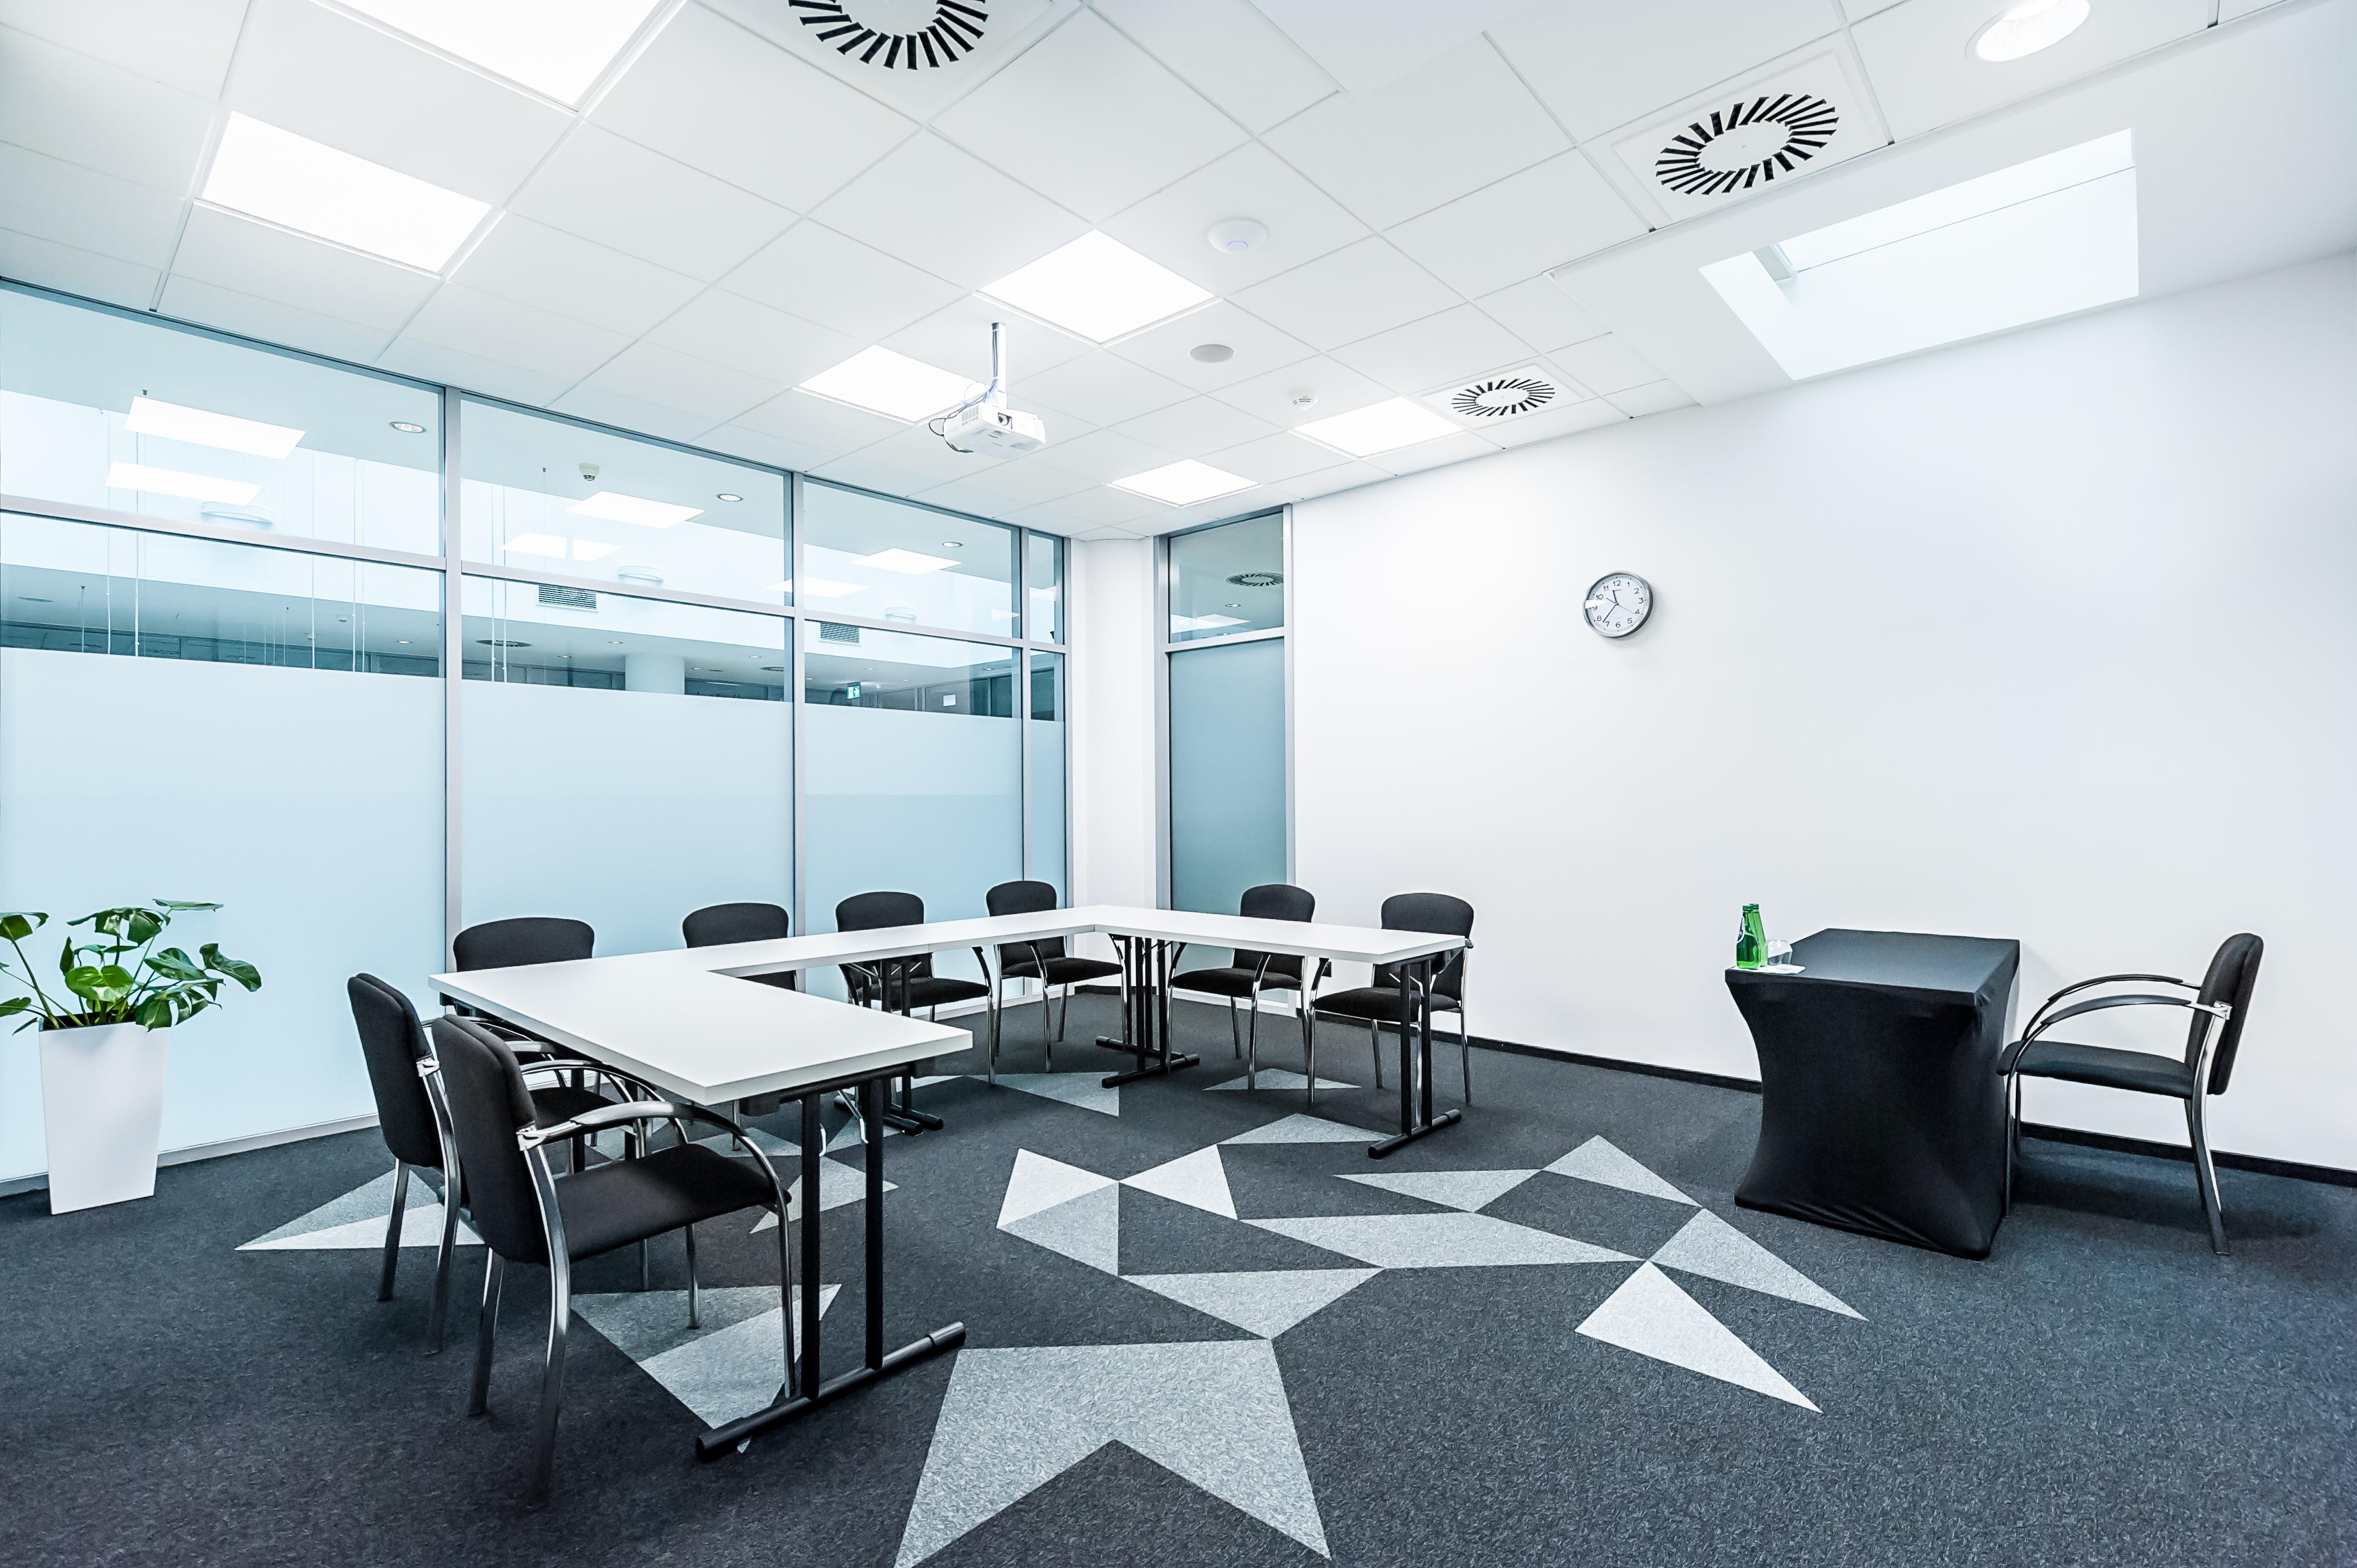 Sala szkoleniowo - konferencyjna S8 na wynajem Golden Floor Centrum, ul. Sienna 39, Warszawa Centrum